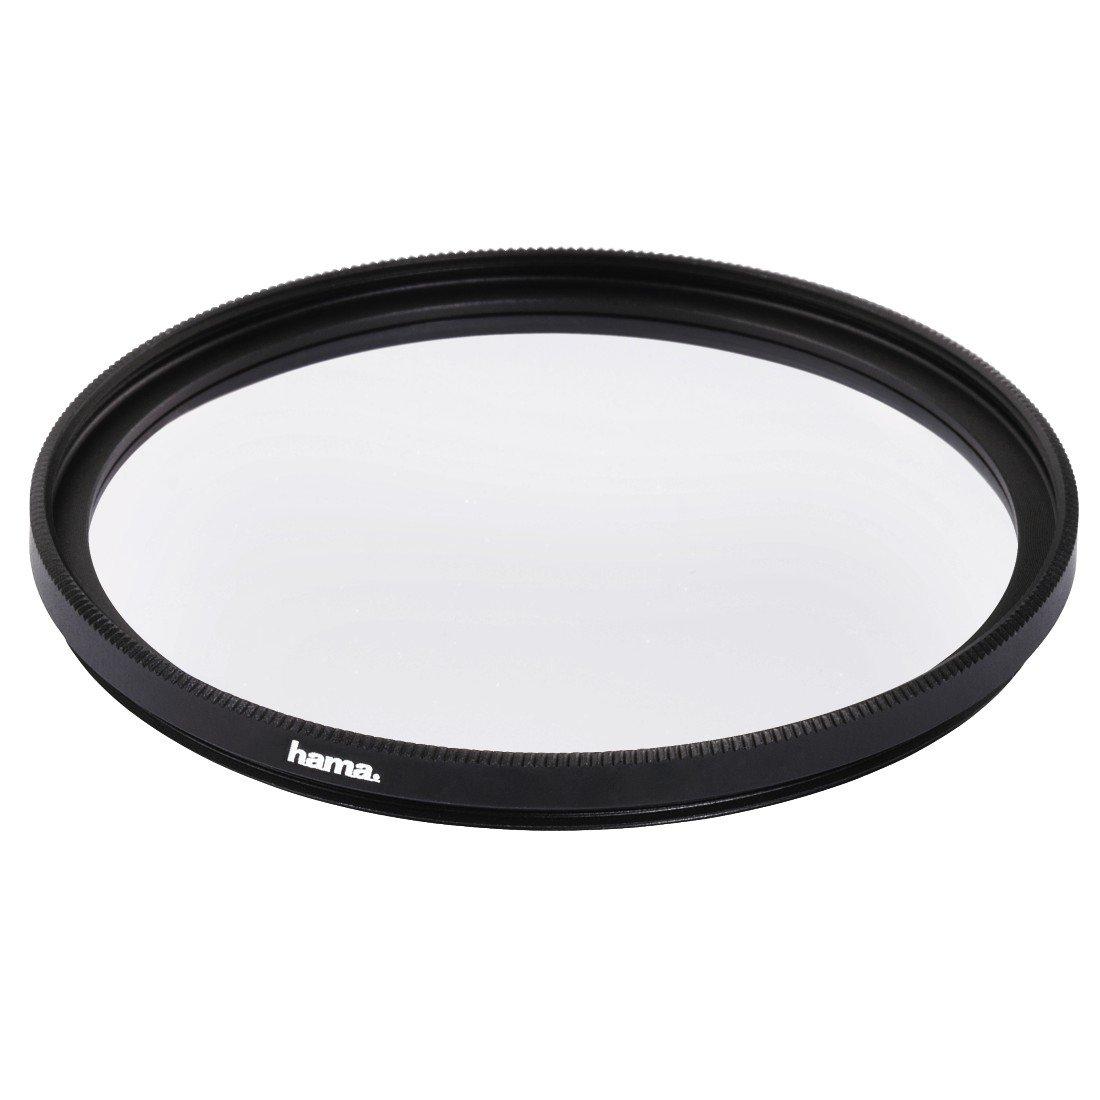 HAMA Filtro UV 390, Htmc, Diametro 58mm, Nero